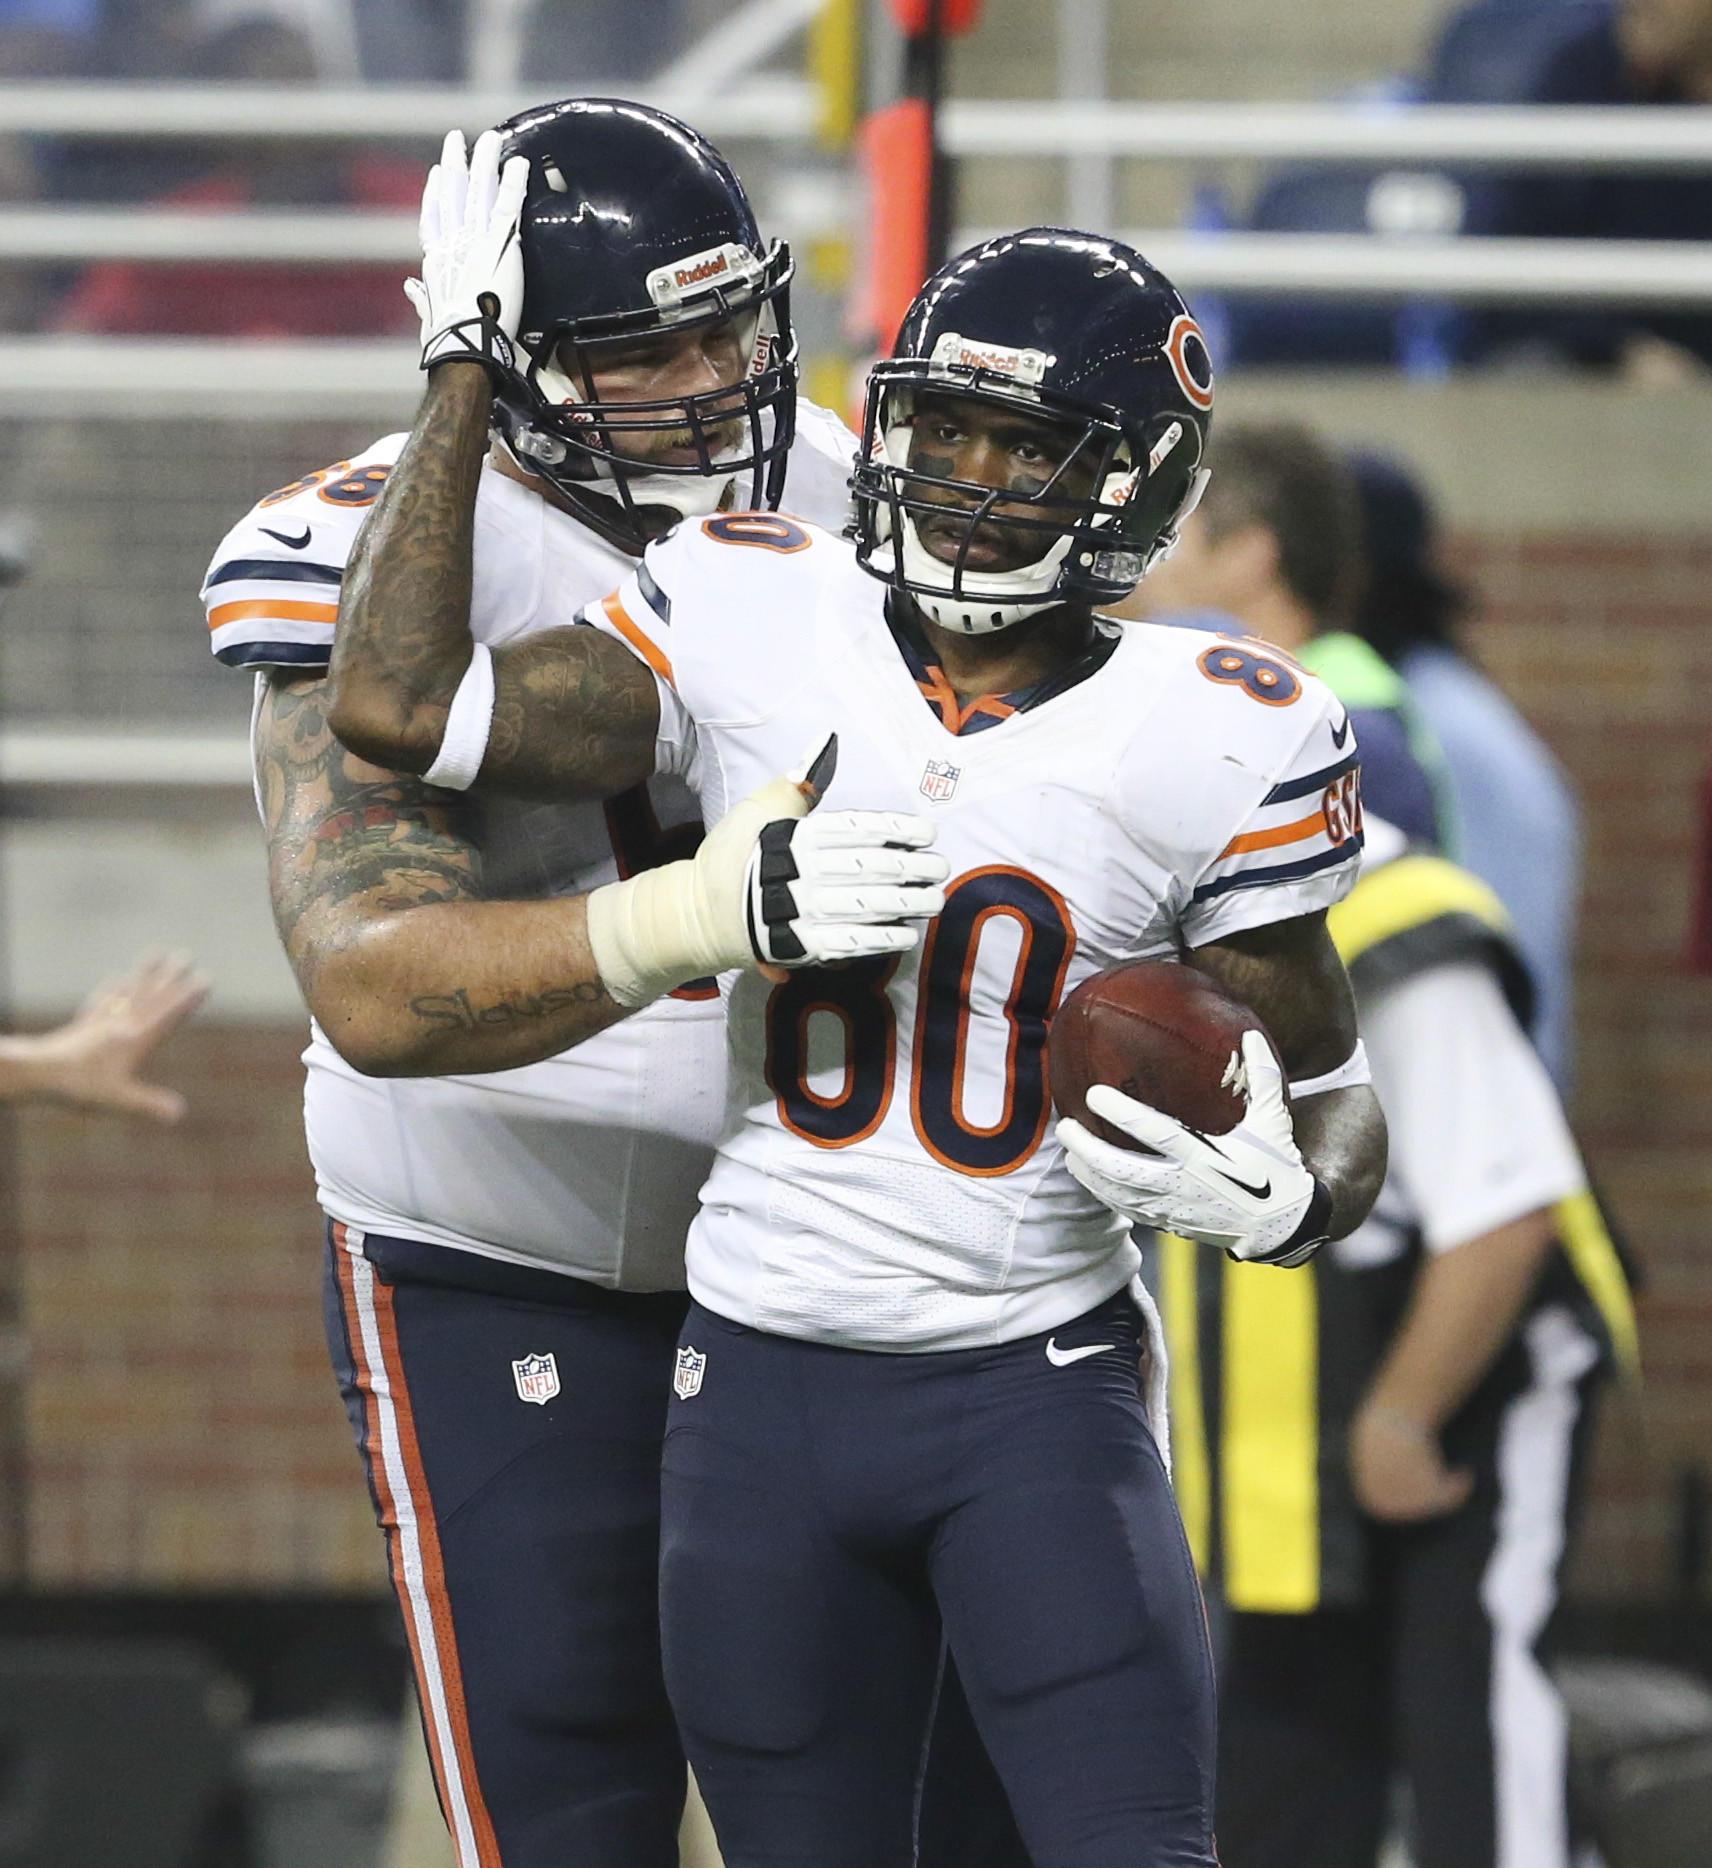 Bears wide receiver Earl Bennett (80) celebrates a touchdown with guard Matt Slauson.